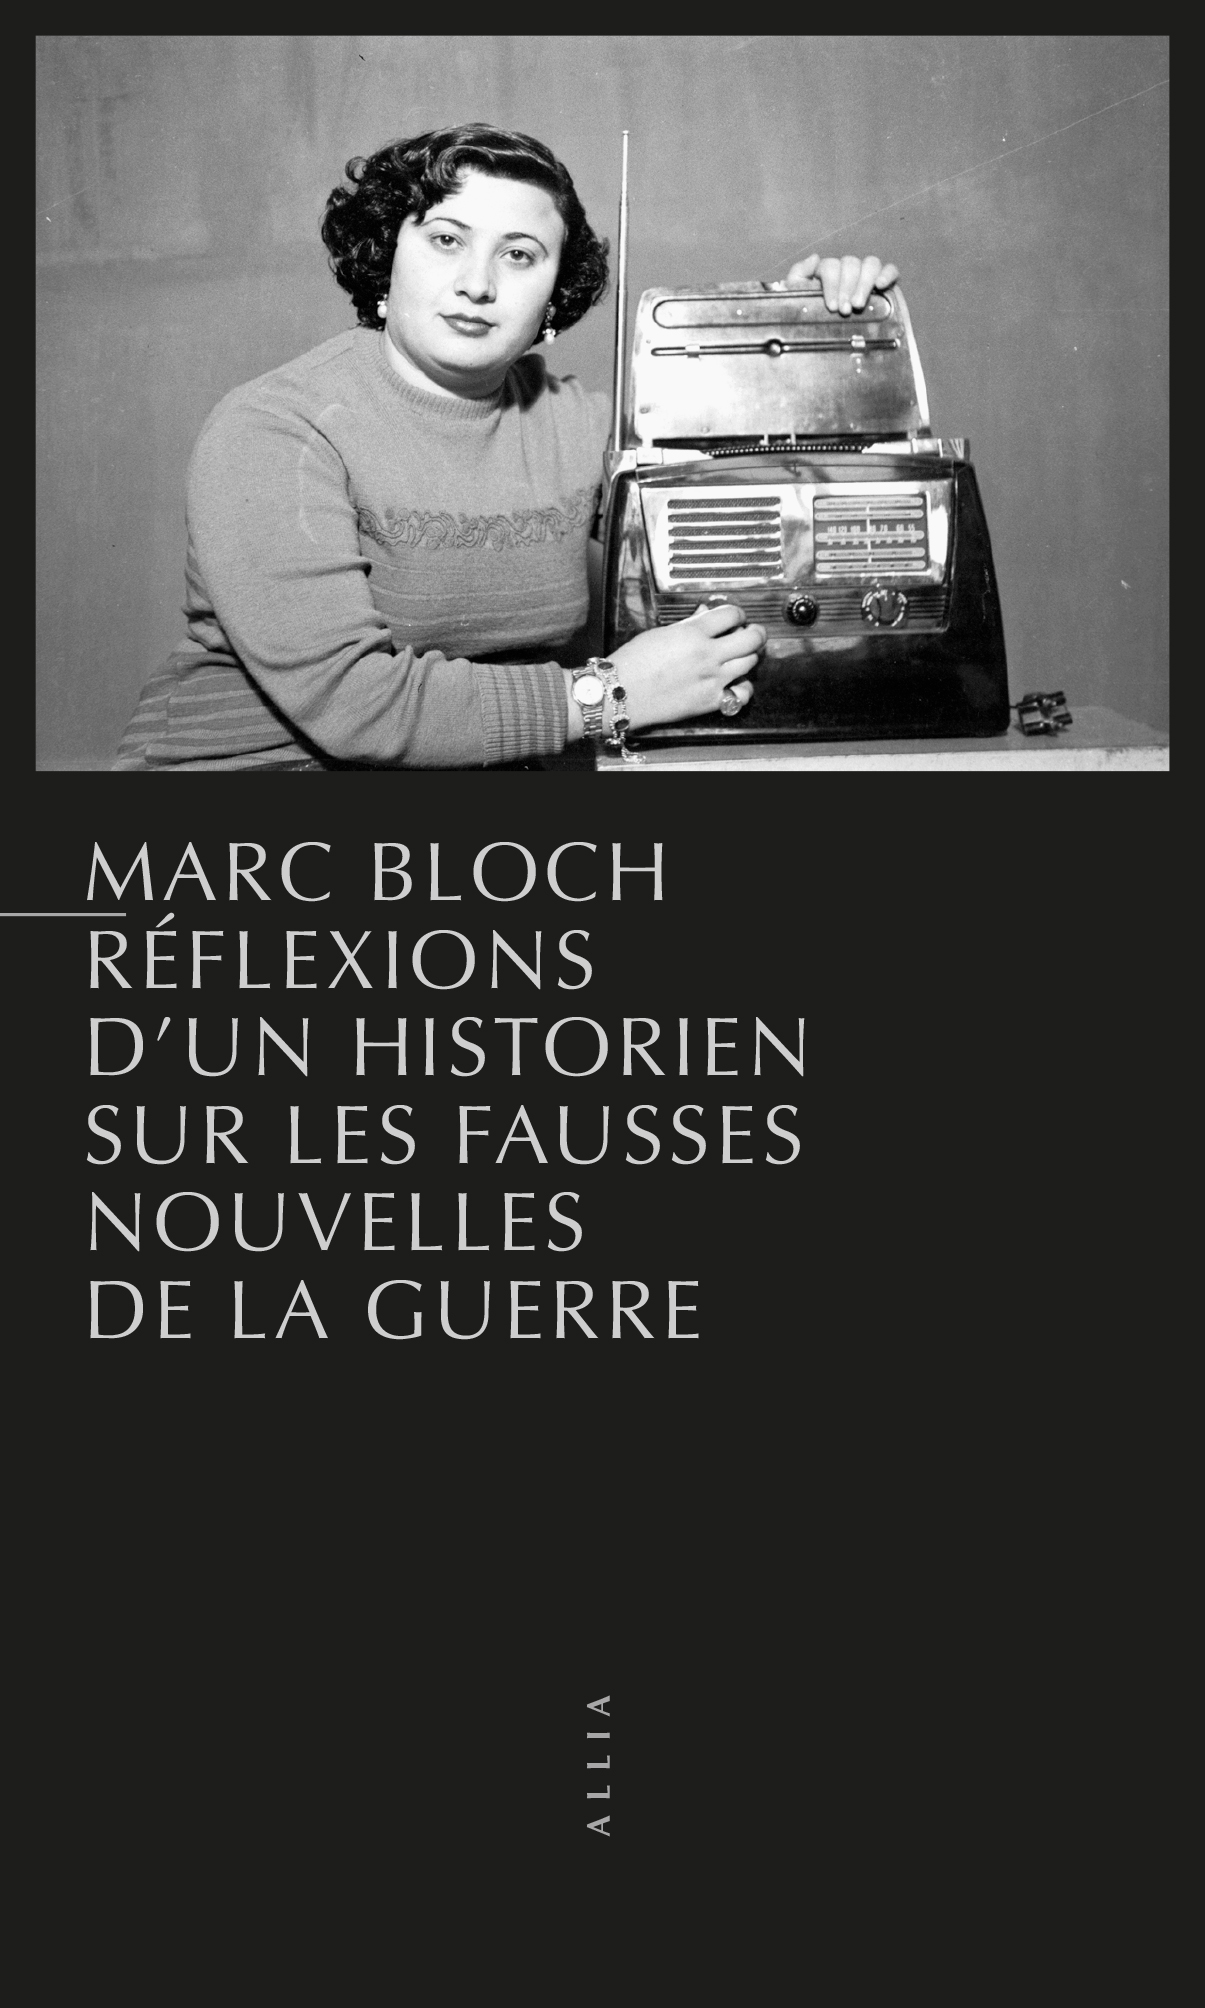 Marc Bloch, Réflexions d'un historien sur les fausses nouvelles de la guerre